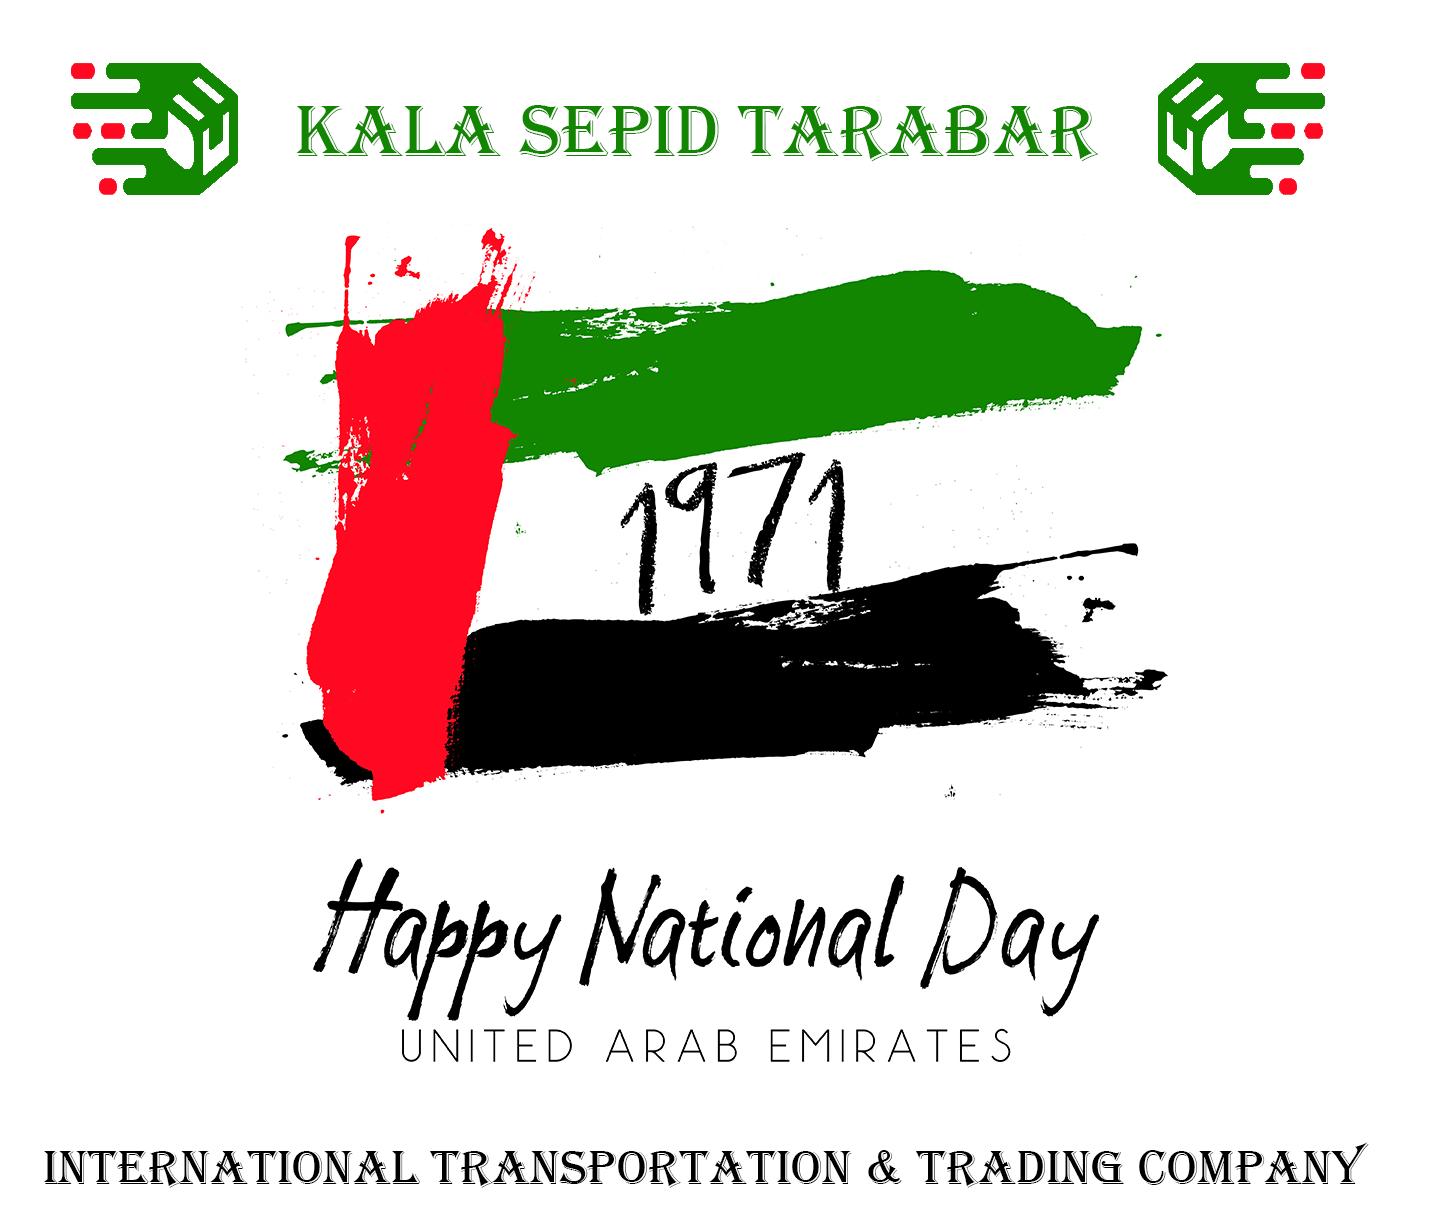 emirates day, uae dates, happy emirates day, kala sepid tarabar, international transportation and trading company